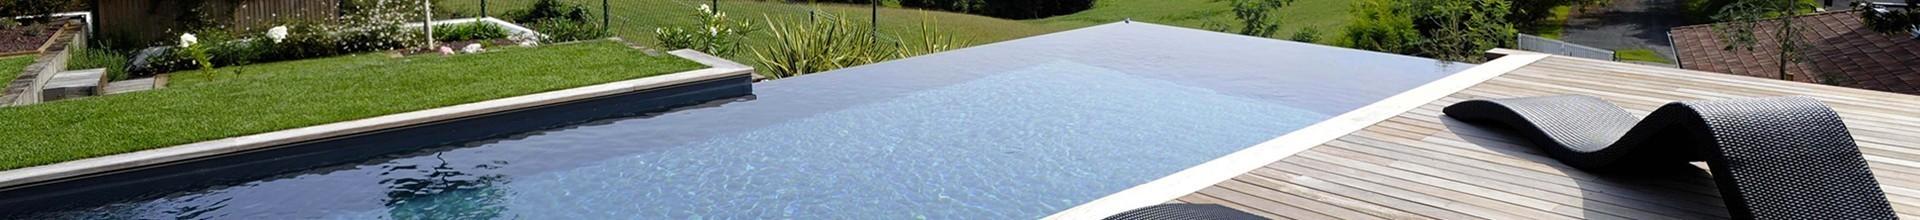 Corse France container piscine sans permis 5M25x2M55x1M26